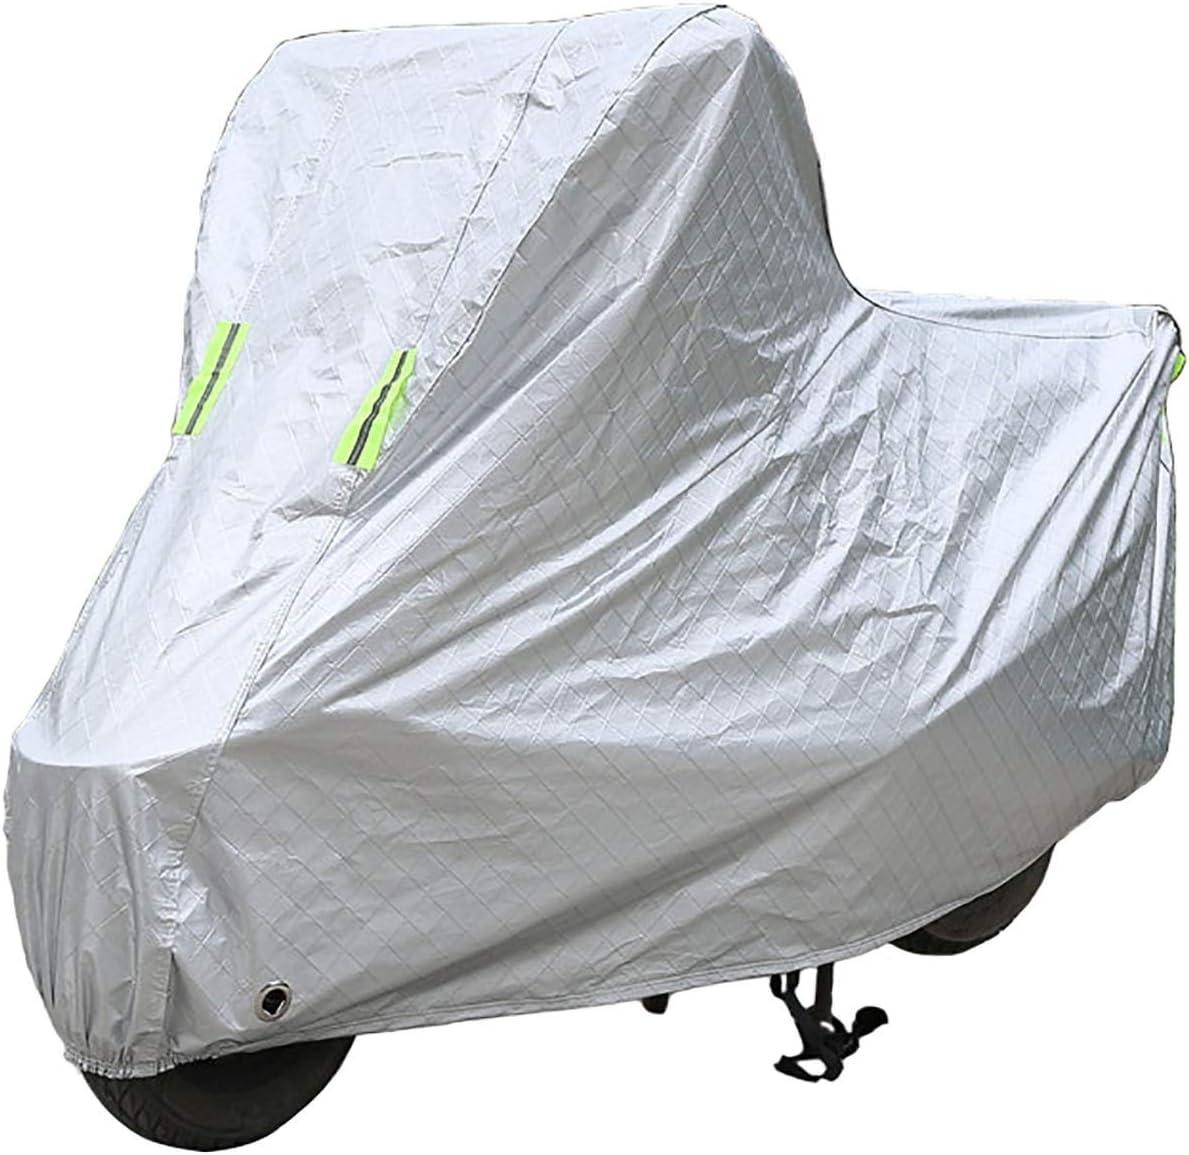 Funda para Moto Compatible con la cubierta de motocicleta SOCO TS 1200R, cubierta de protección para scooter al aire libre para todas las estaciones, materiales compuestos con revestimiento de PE Dura